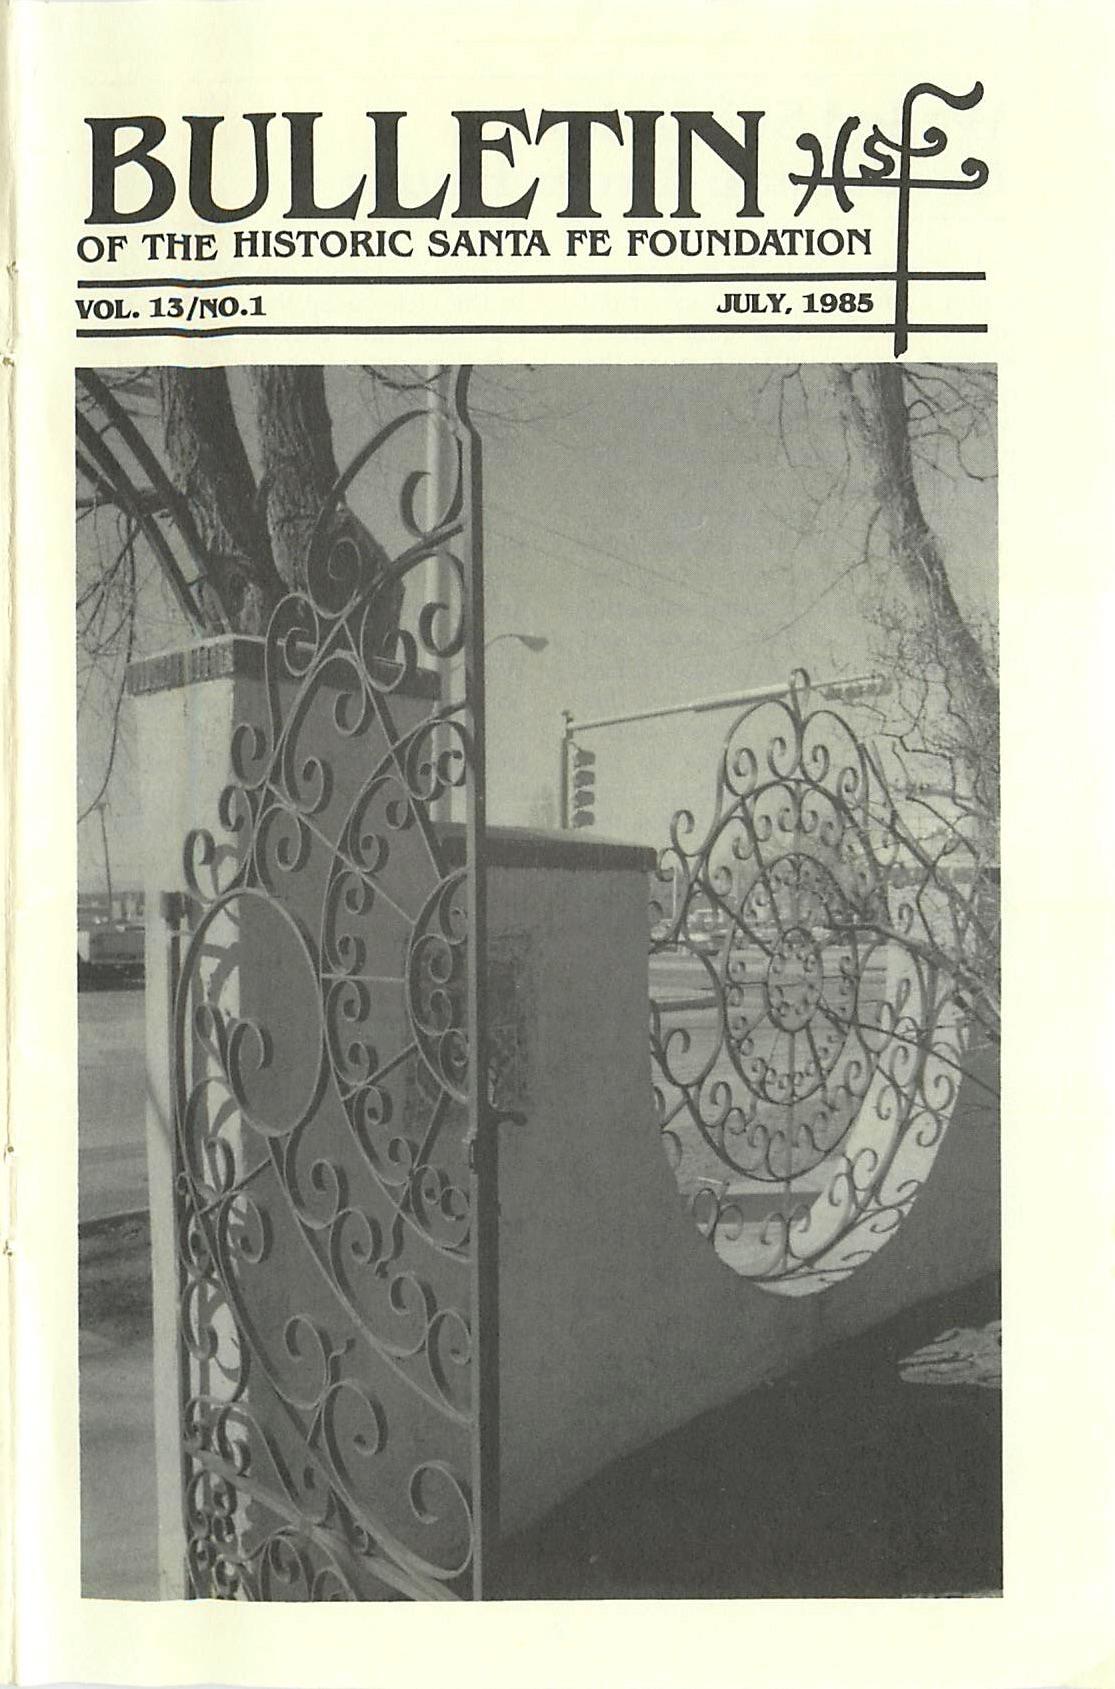 1985 HSFF Bulletin Vol.13 No.1 Cover